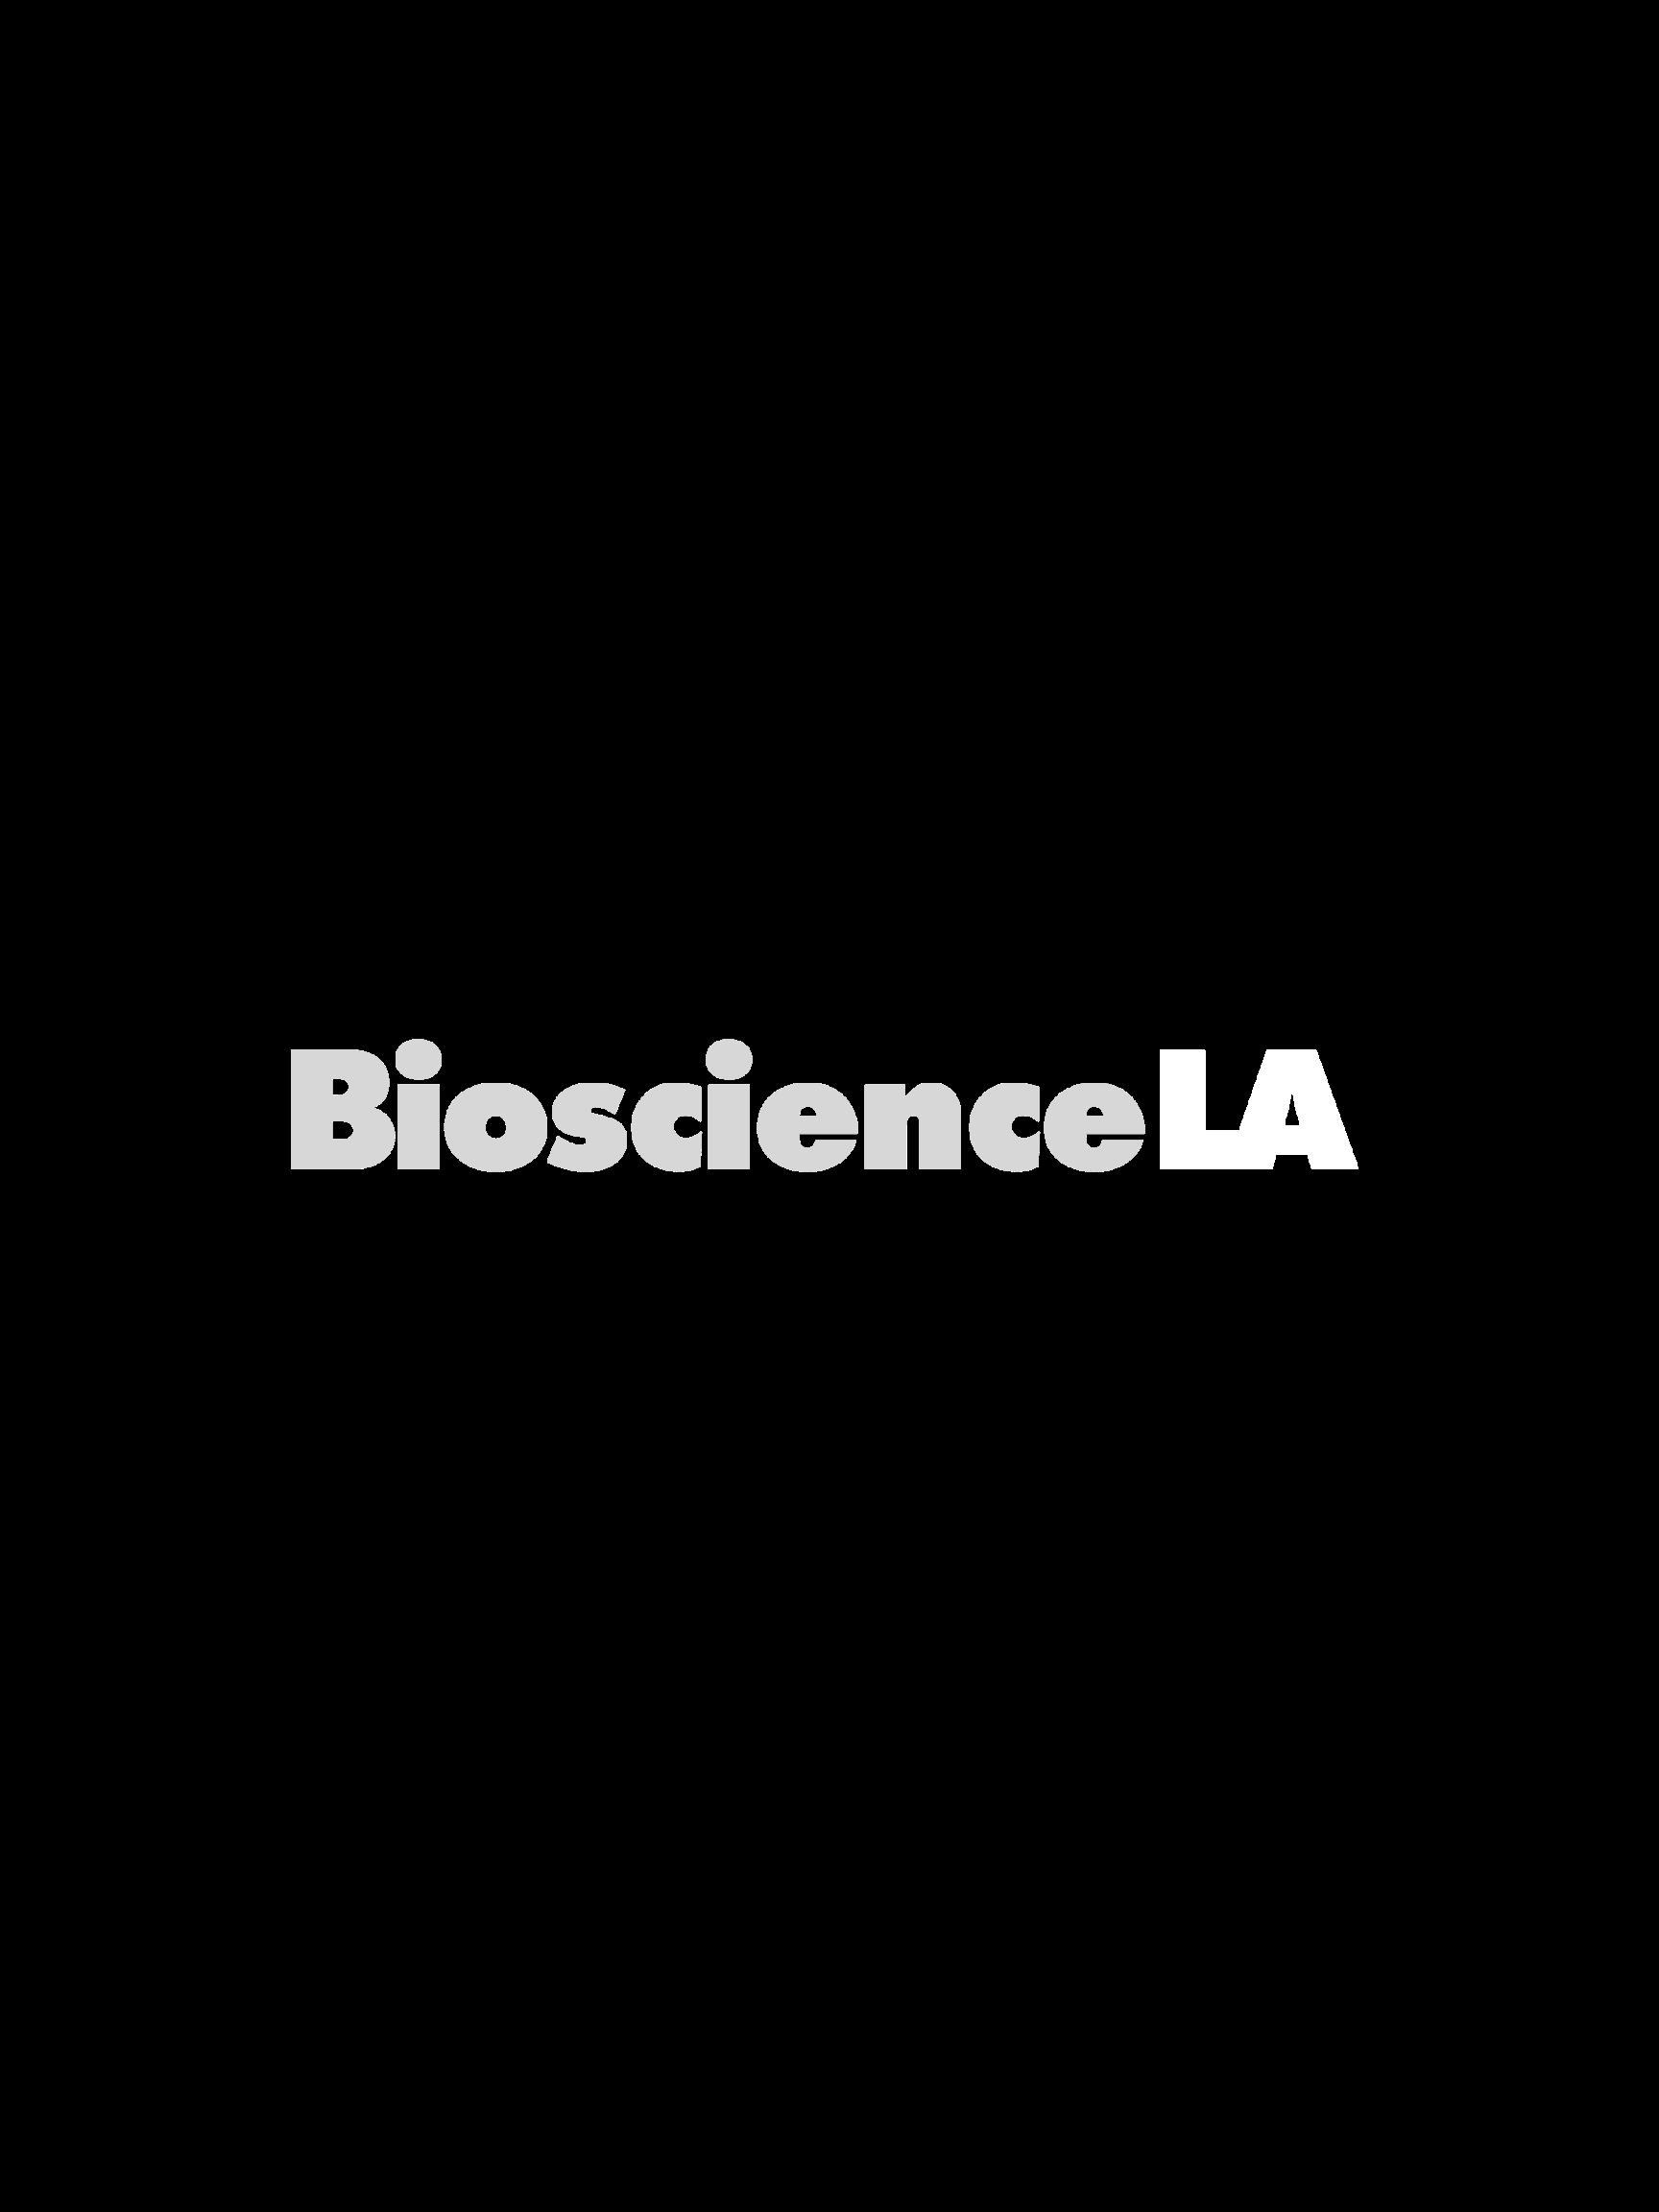 Bioscience LA logo